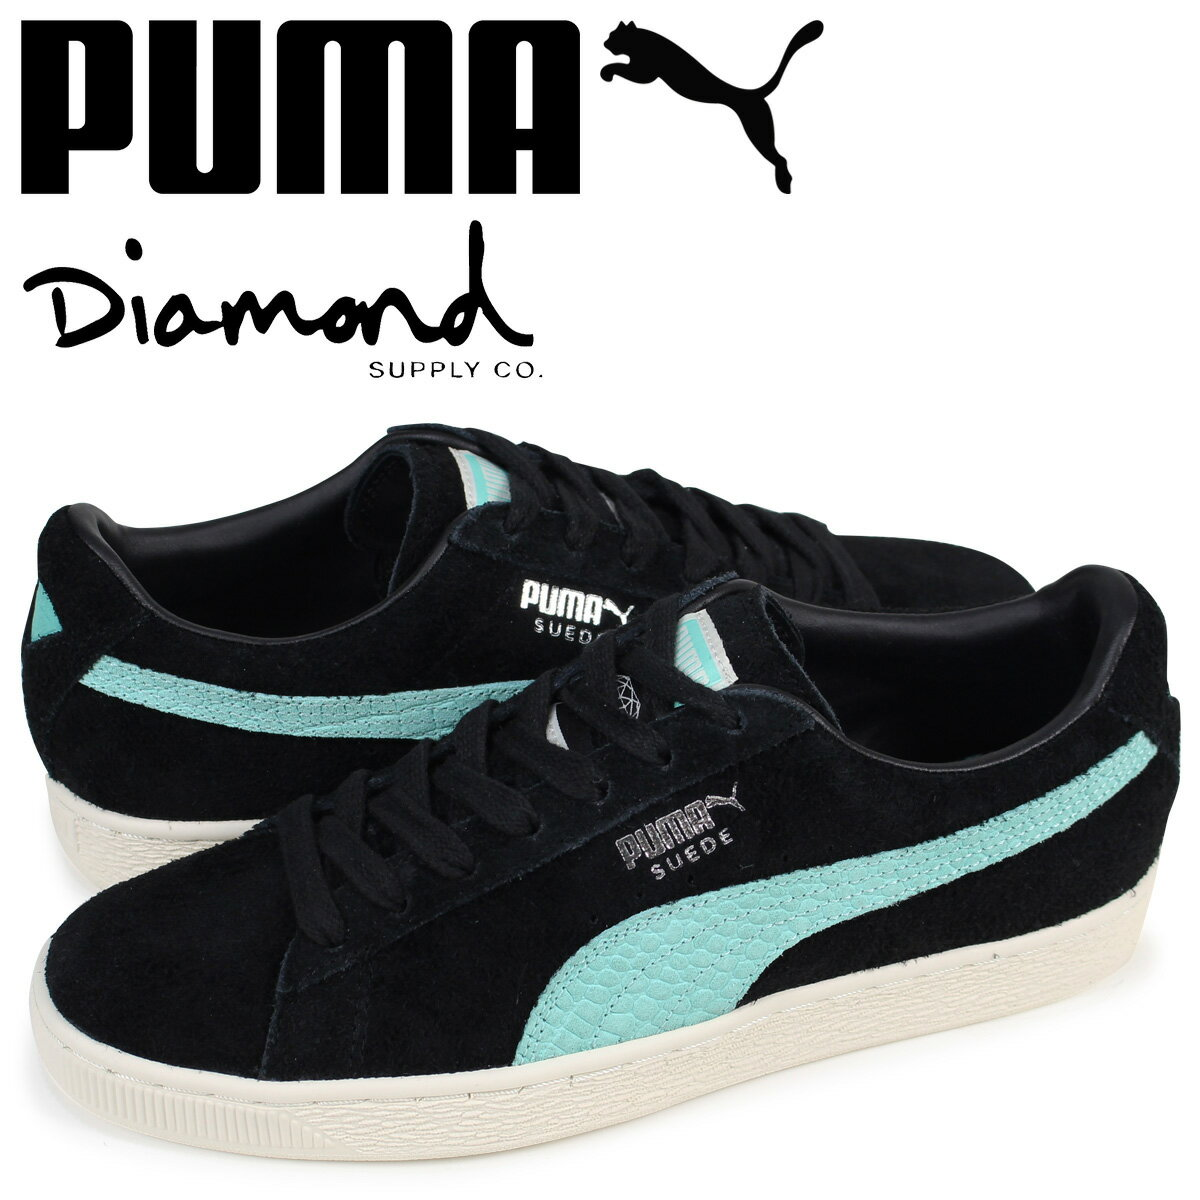 プーマ PUMA スエード スニーカー メンズ ダイヤモンドサプライ SUEDE DIAMOND コラボ 365650-01 ブラック